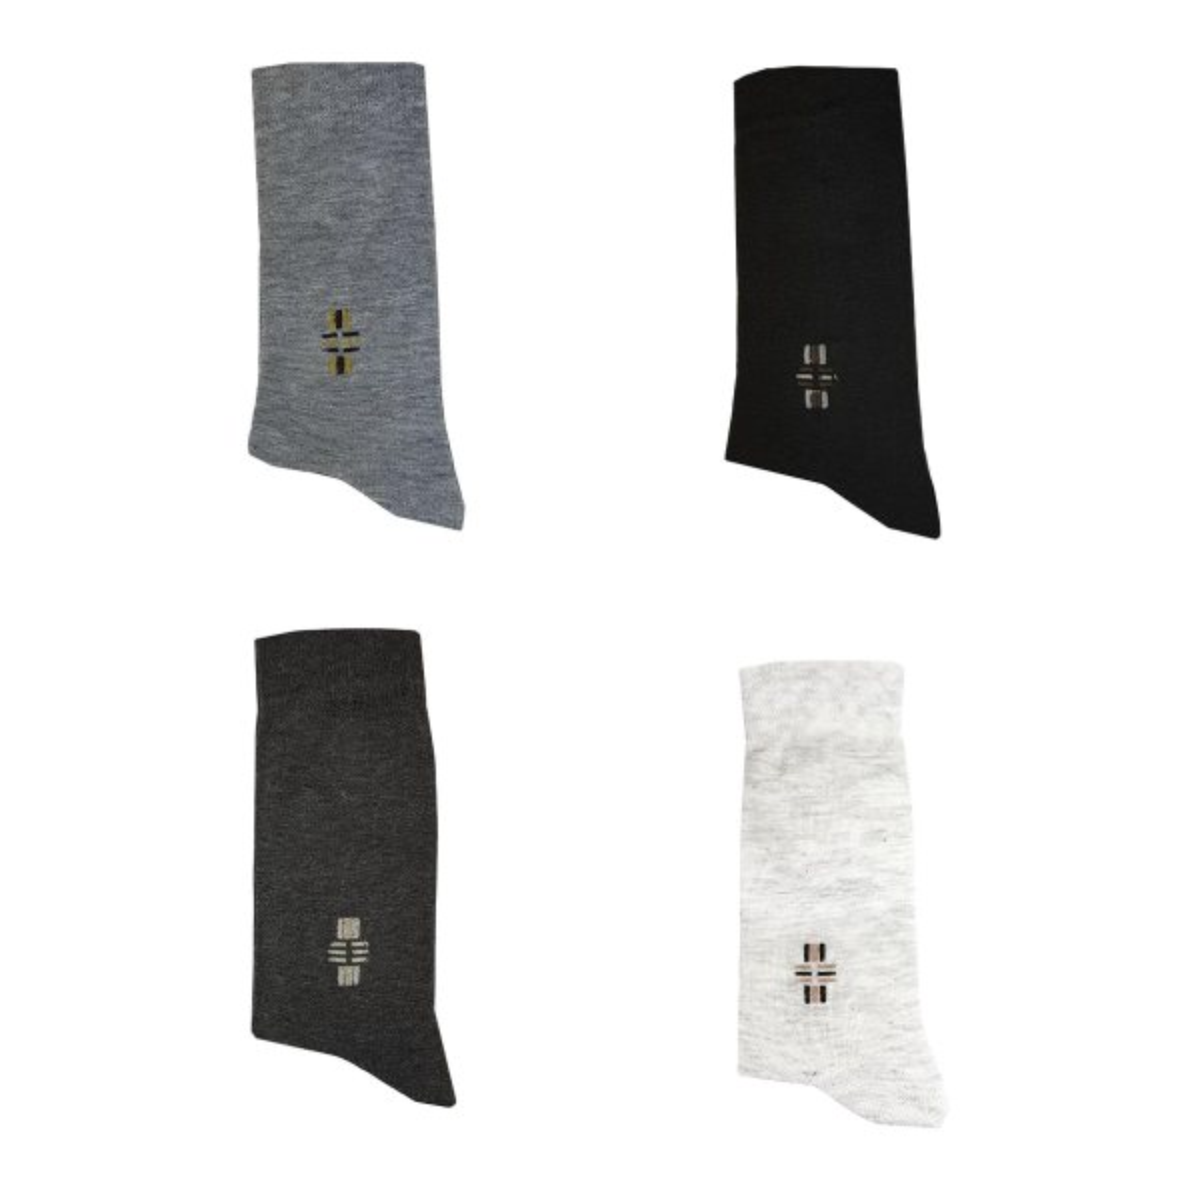 جوراب مردانه پاتو مدل کلاسیک مجموعه 4 عددی